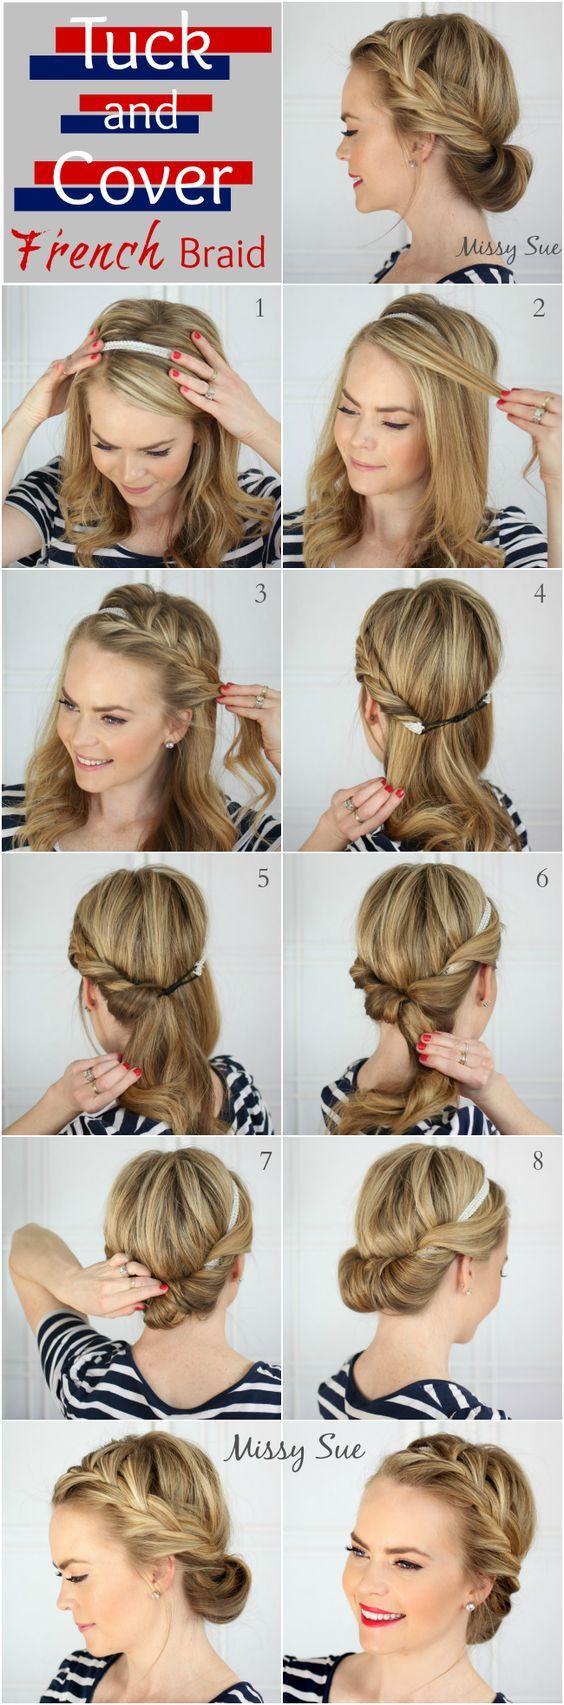 Wasen Frisuren  11 Einfache Schritt für Schritt Hochsteckfrisur Tutorials